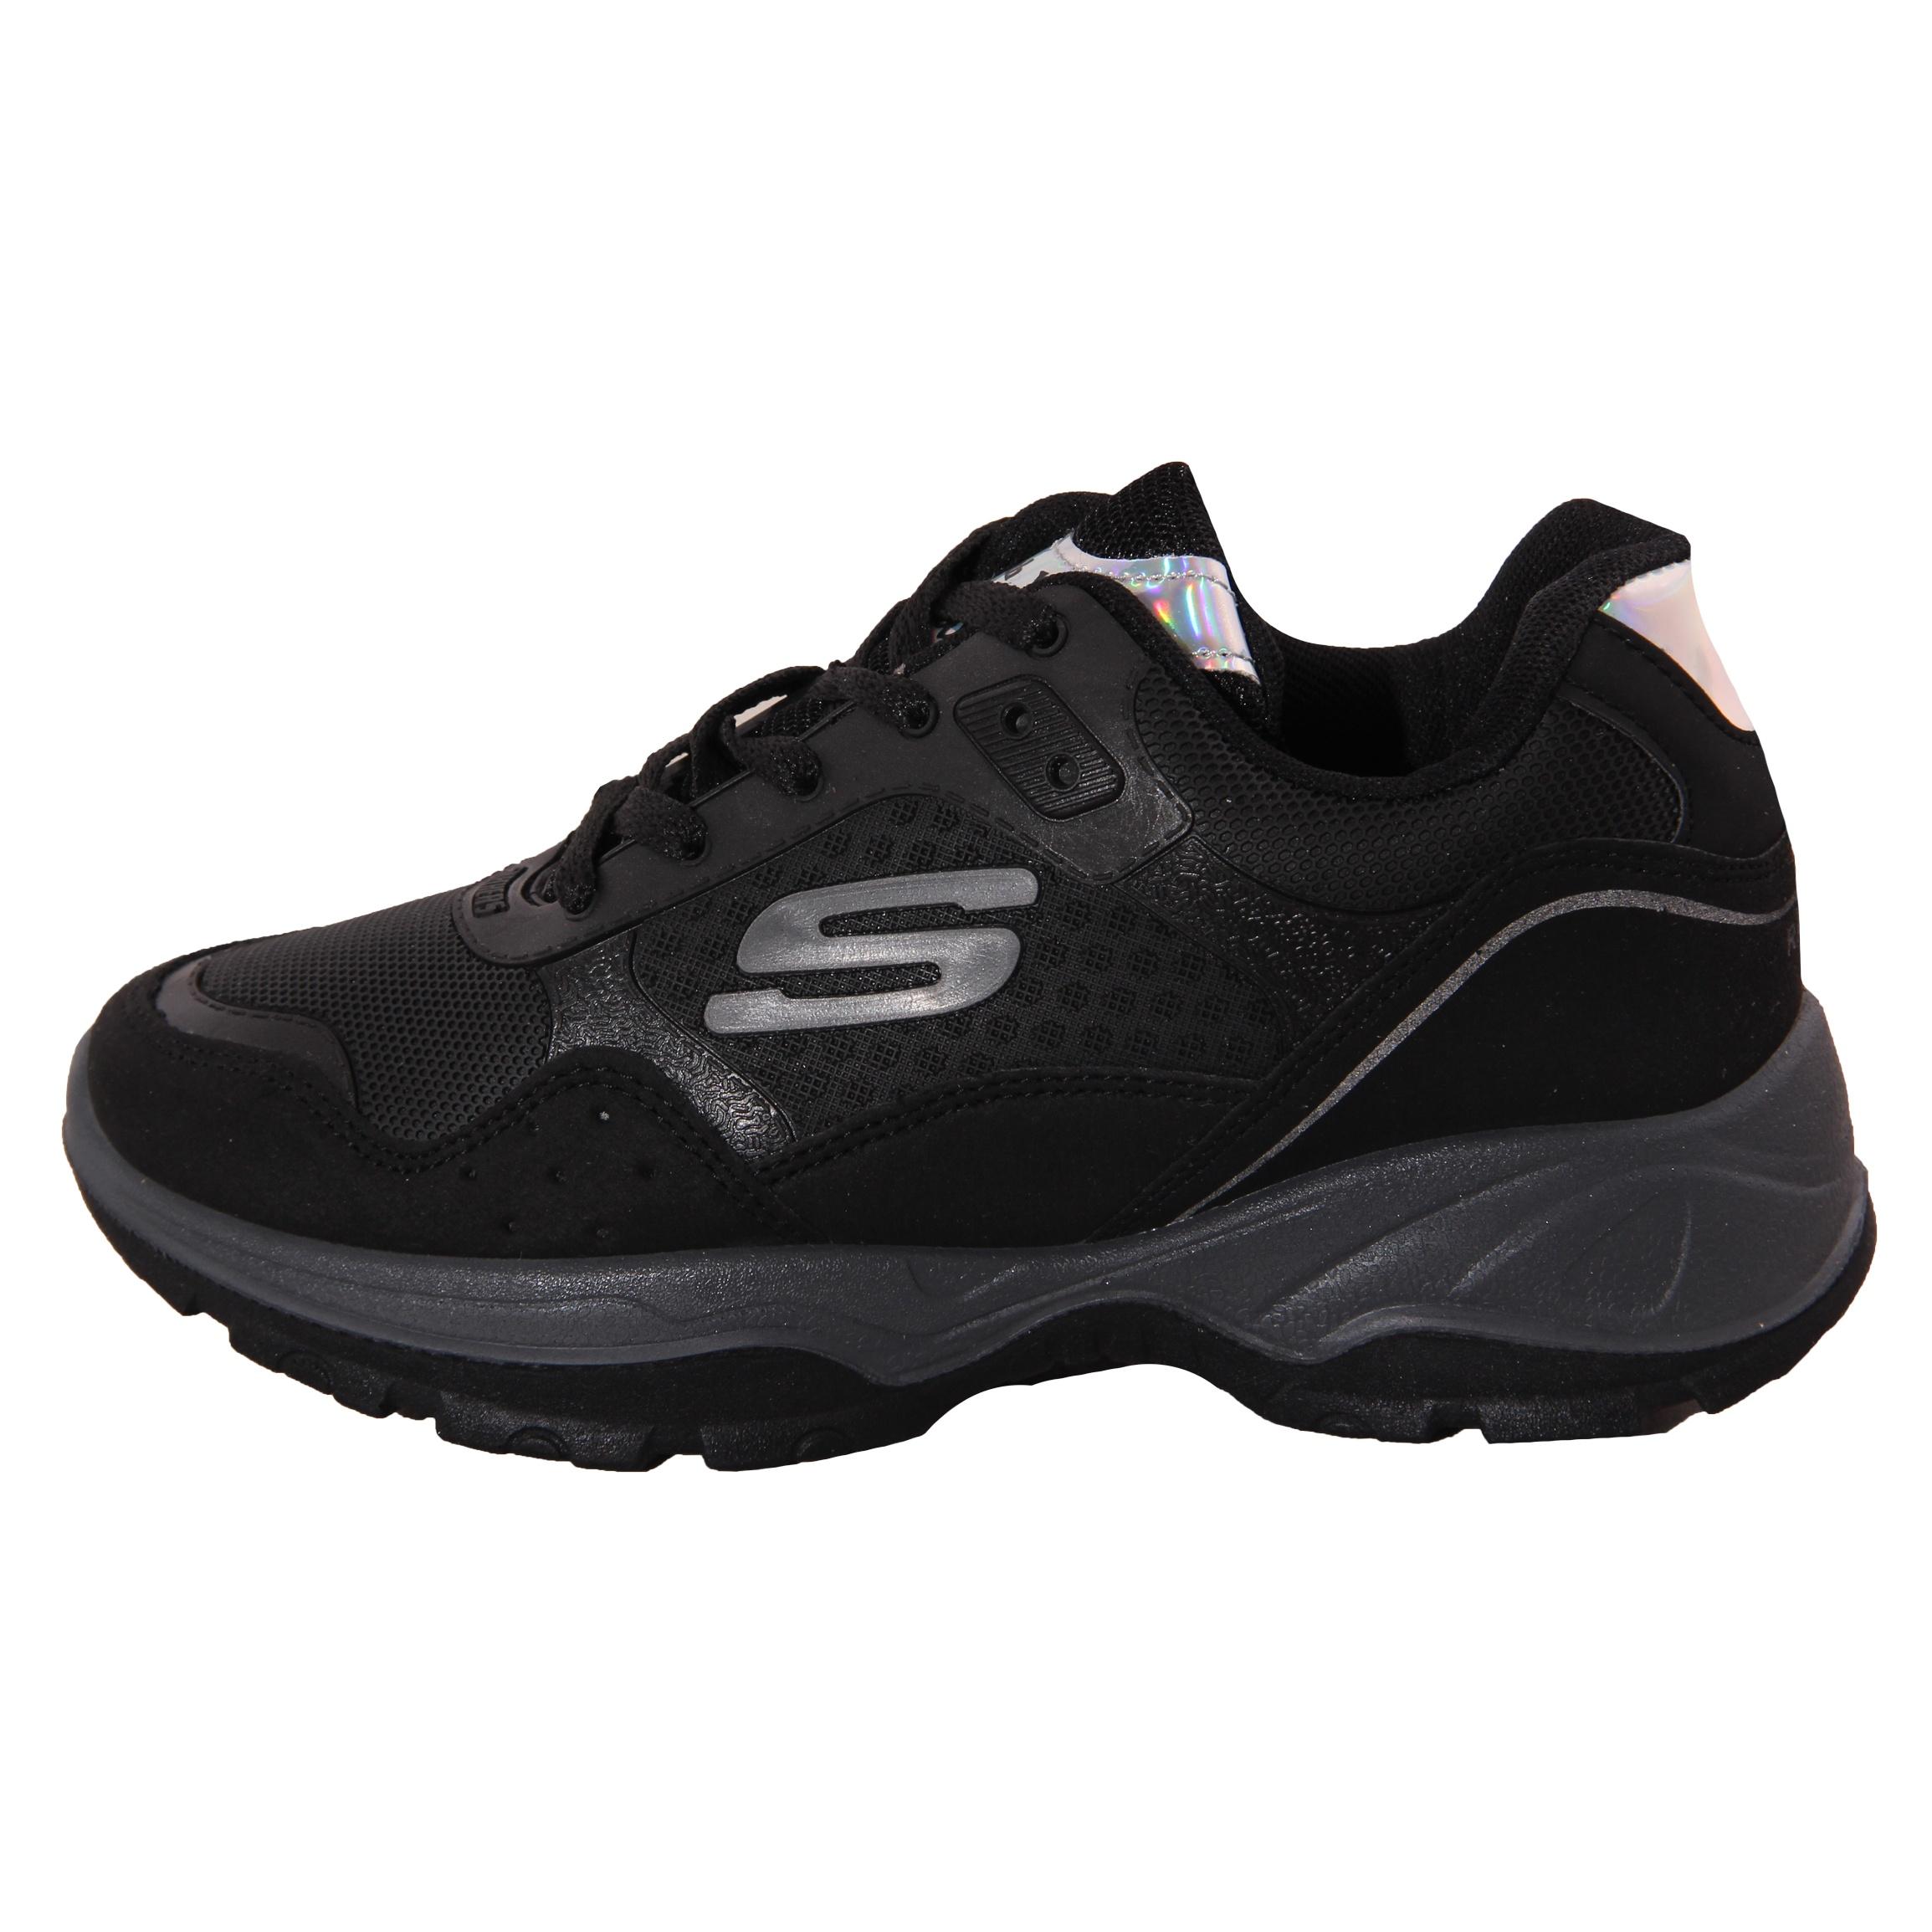 کفش مخصوص پیاده روی زنانه کد 1-39850